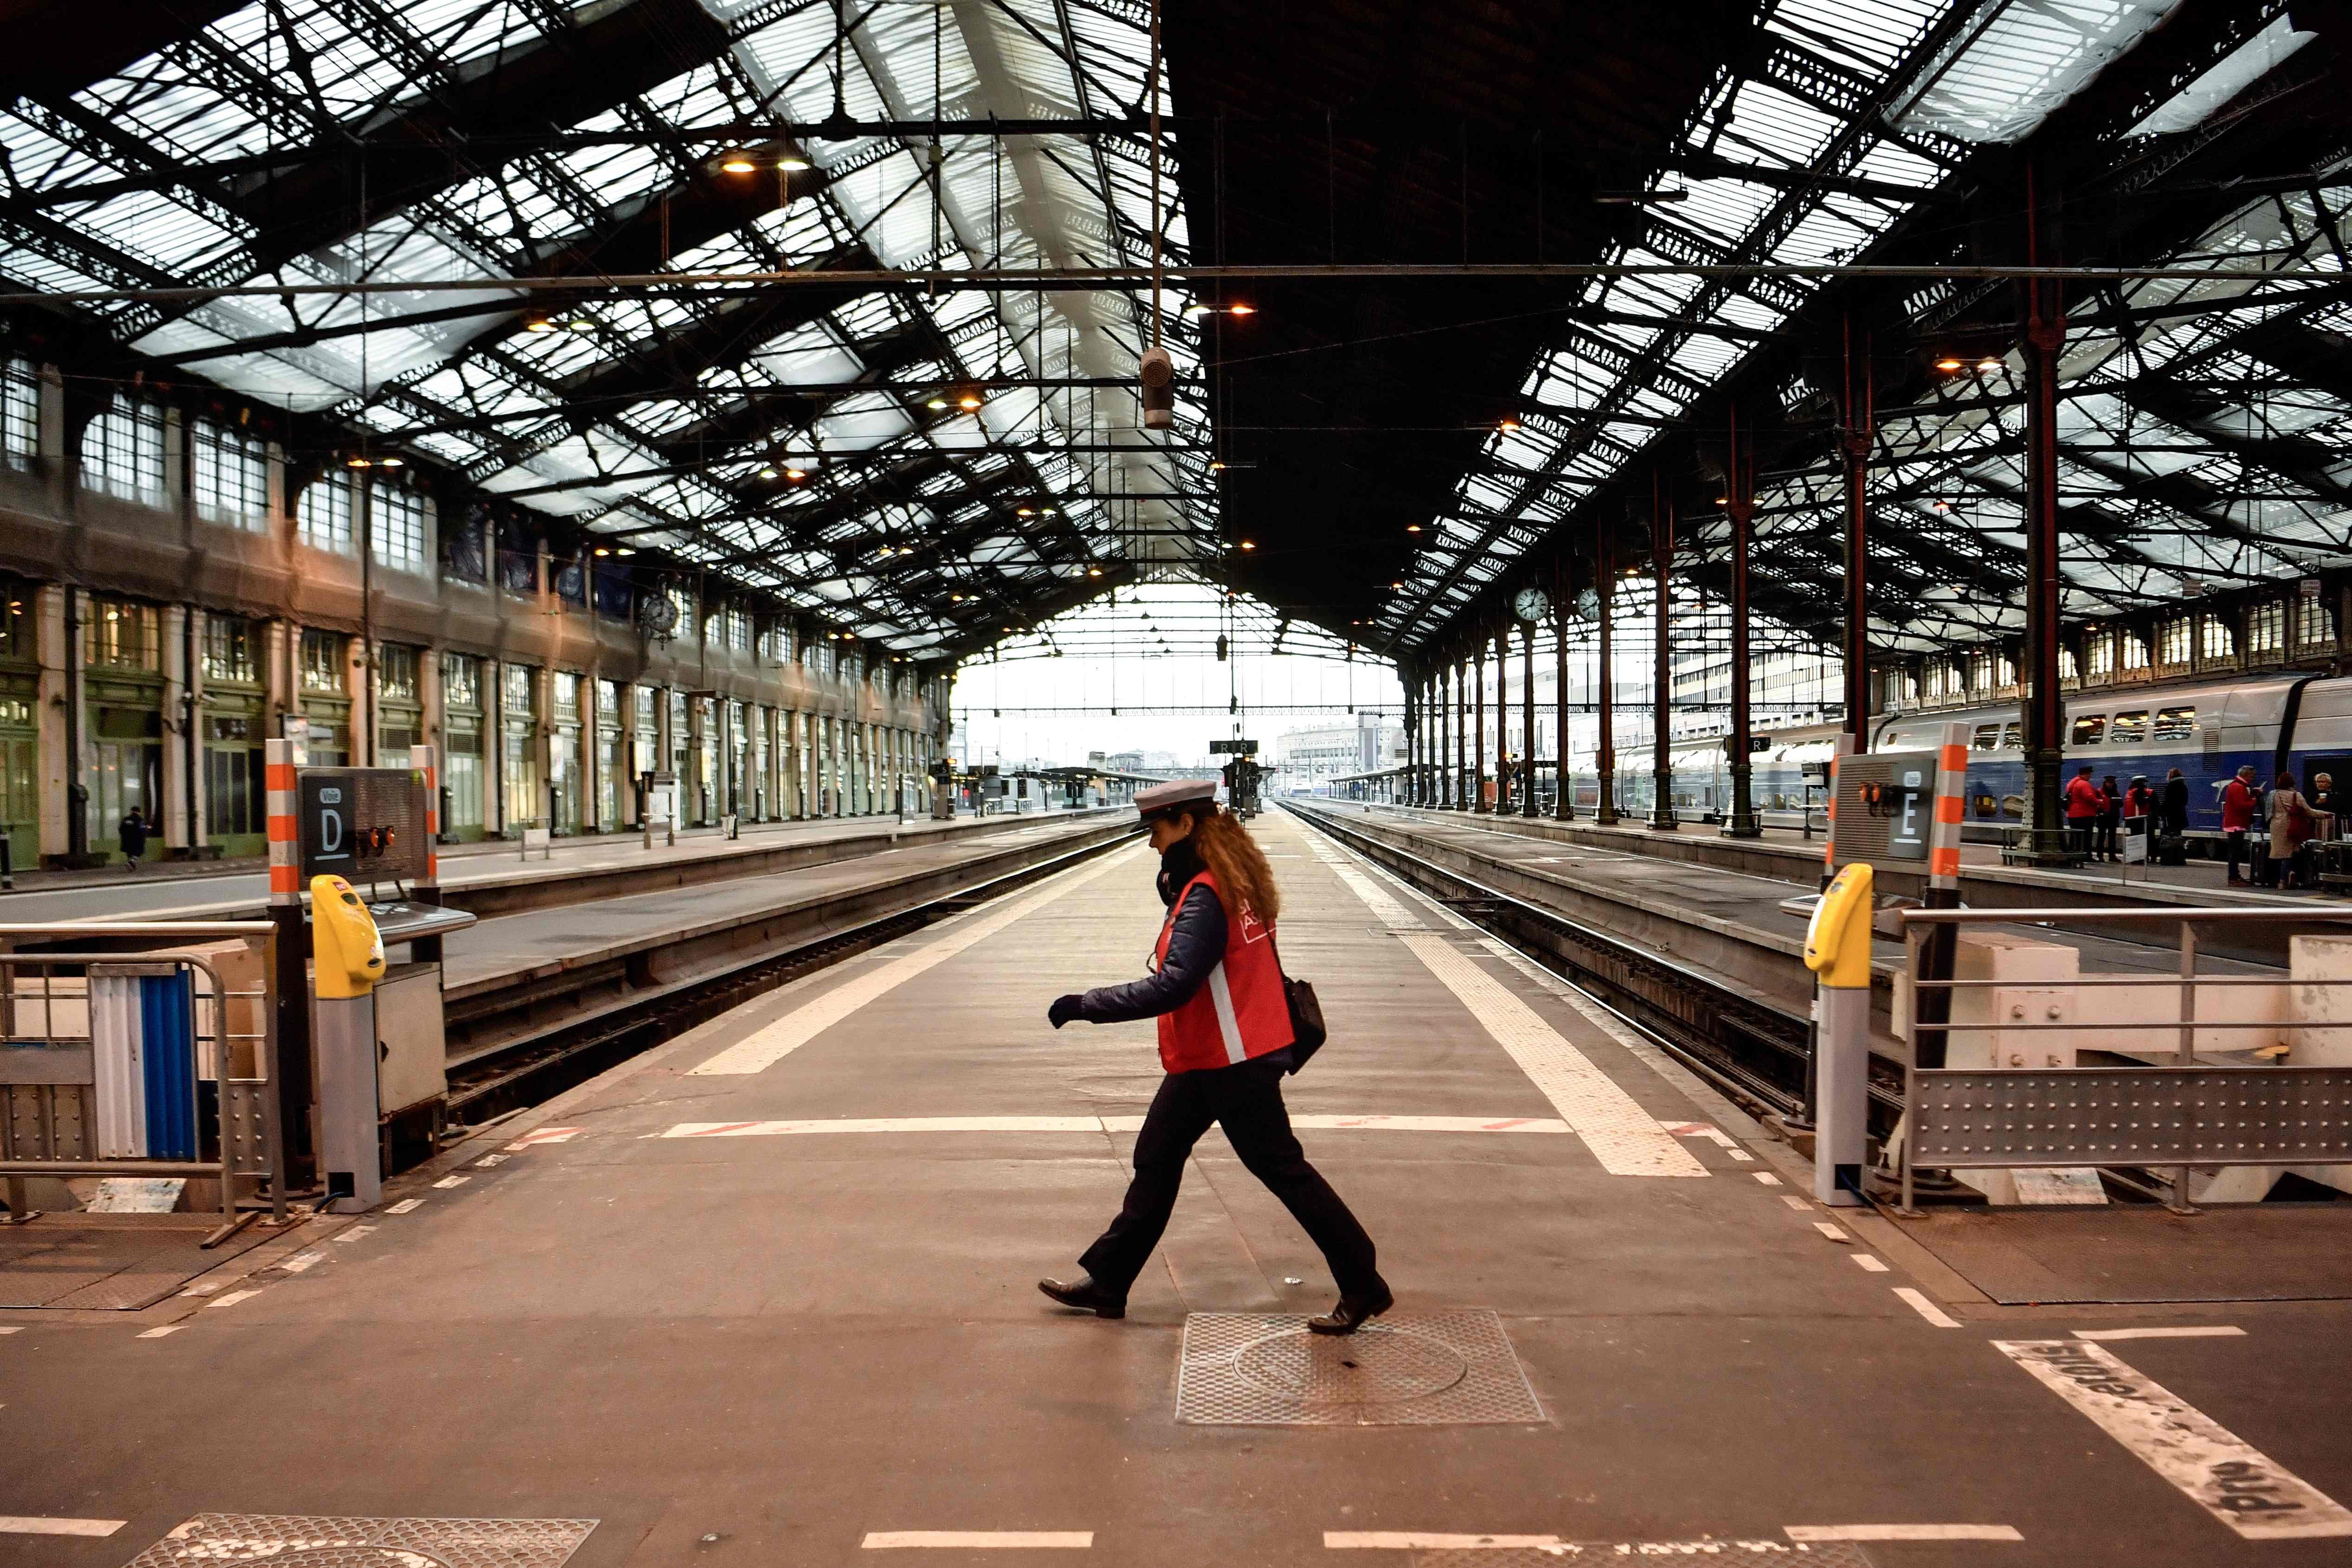 شلل الحركة فى قطارات فرنسا بسبب الاضراب